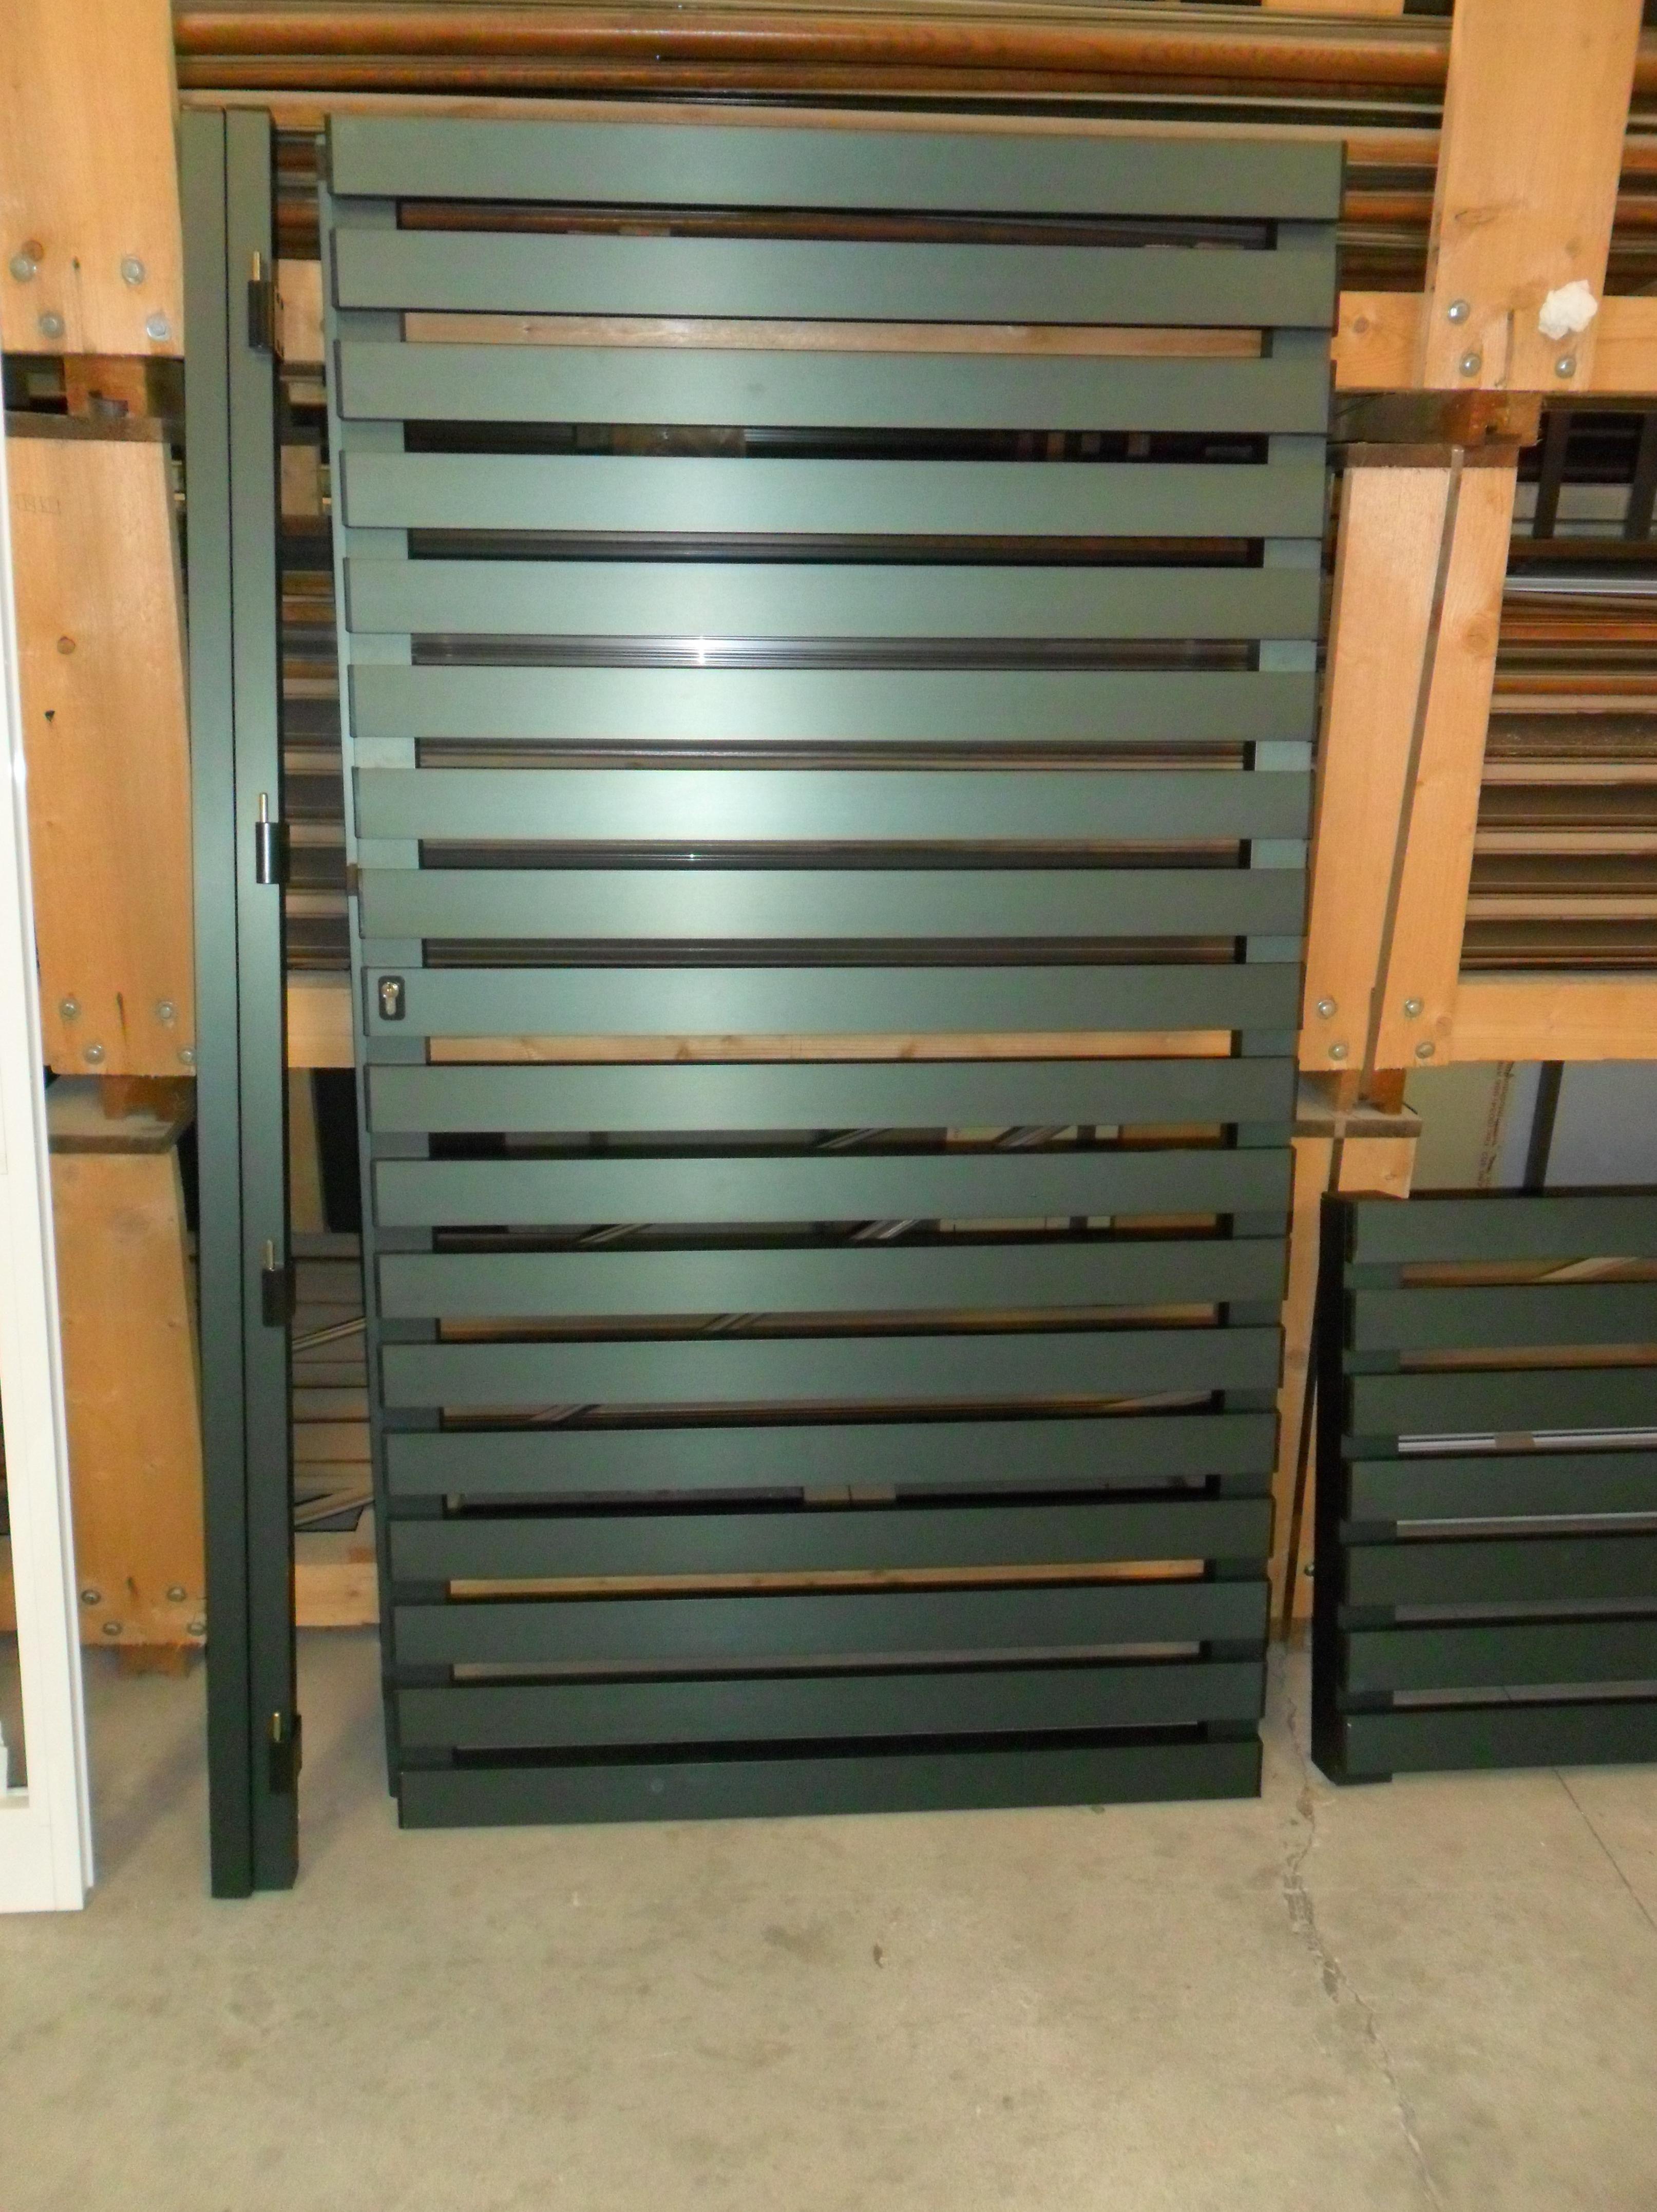 Carpinter a de aluminio en lanzarote indusphal for Carpinteria aluminio